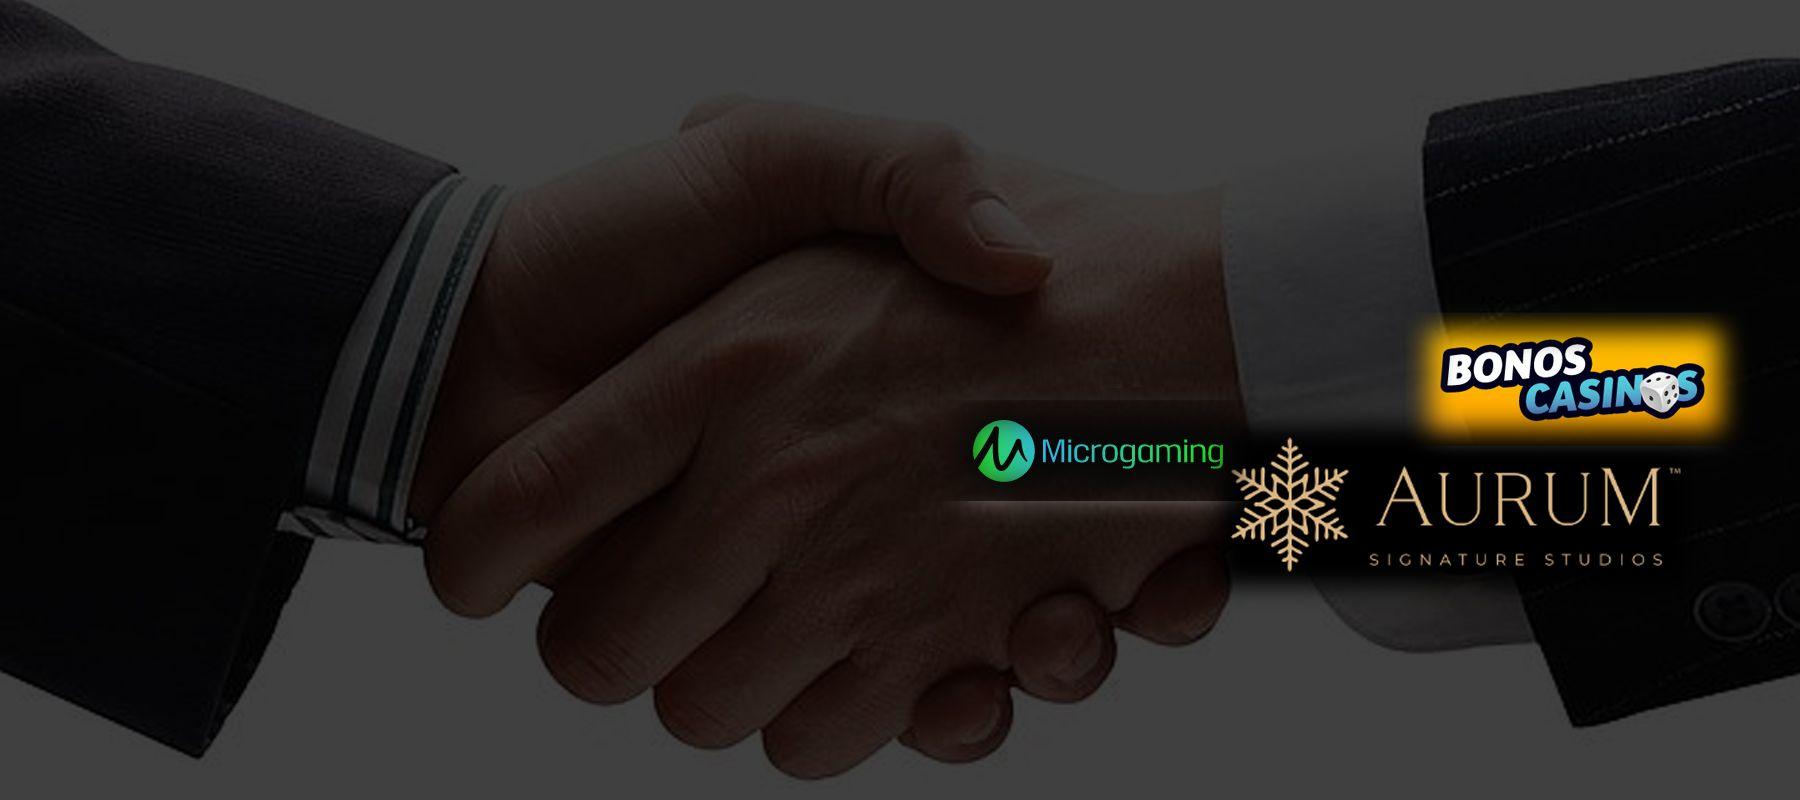 logo de Aurum Signature Studios: bajo la cobertura de Microgaming